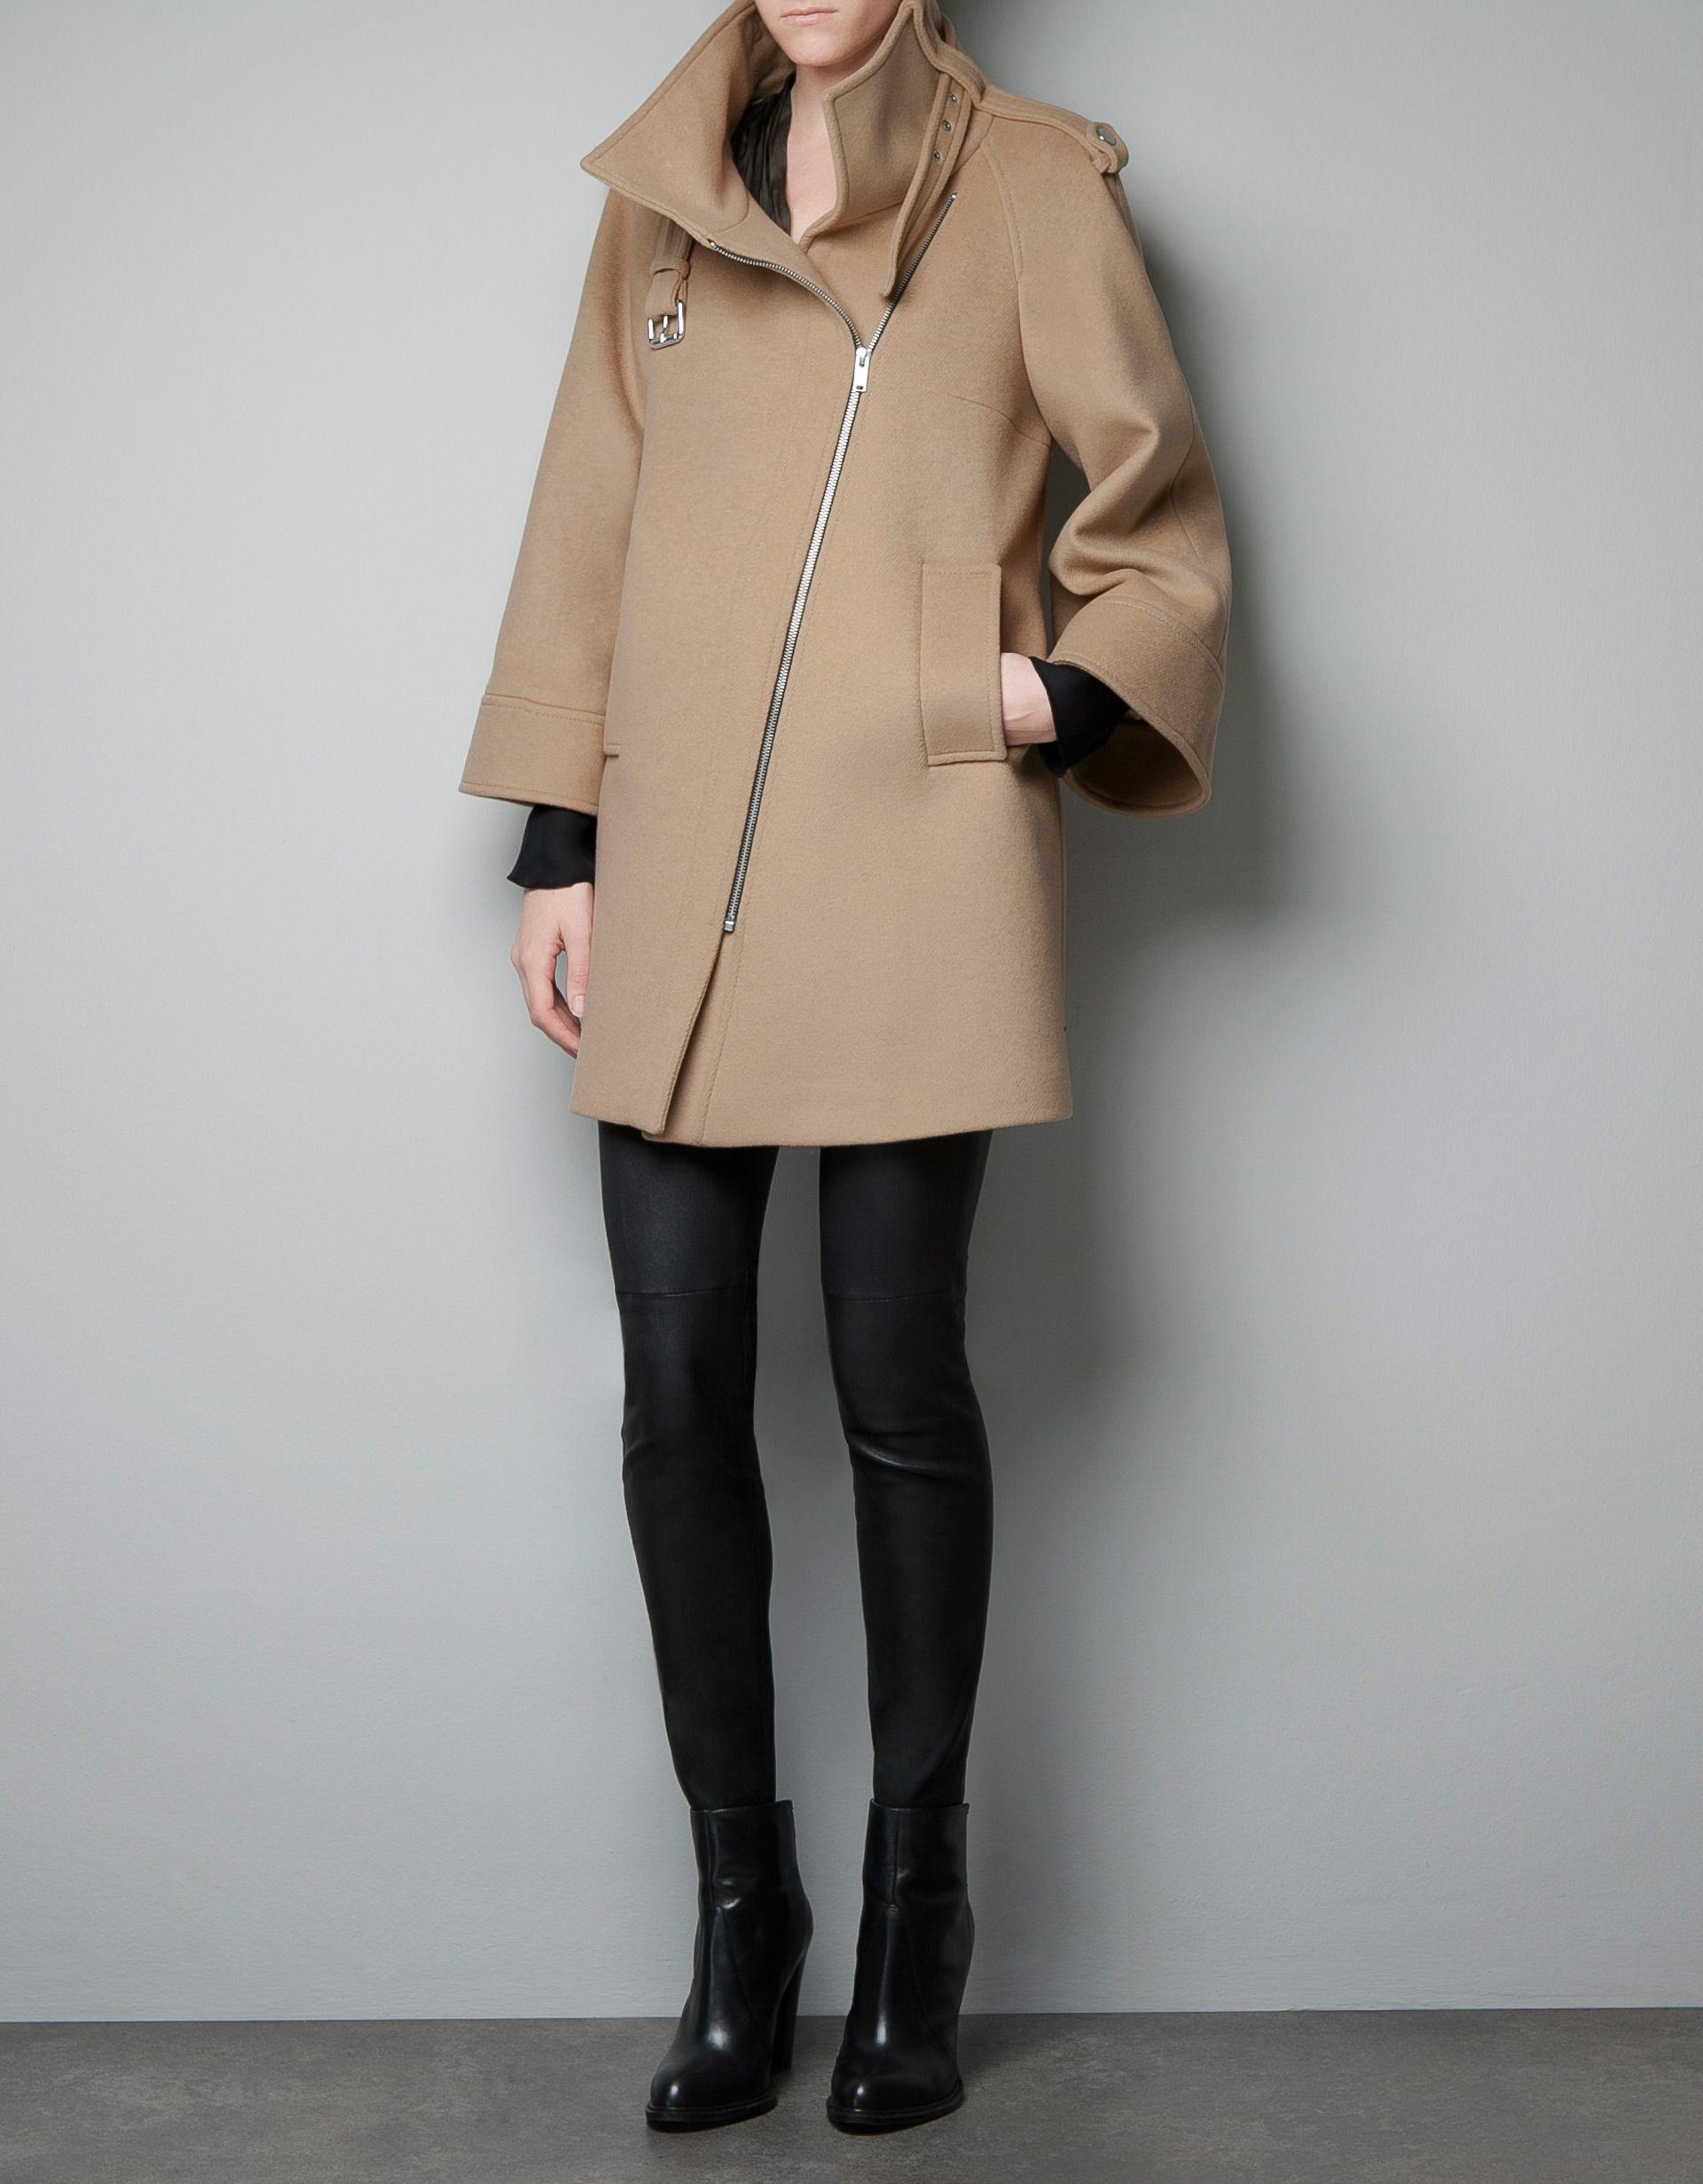 Camel Color CAPE ZIP COAT - Coats - Woman - ZARA United States ... cc5a255f7